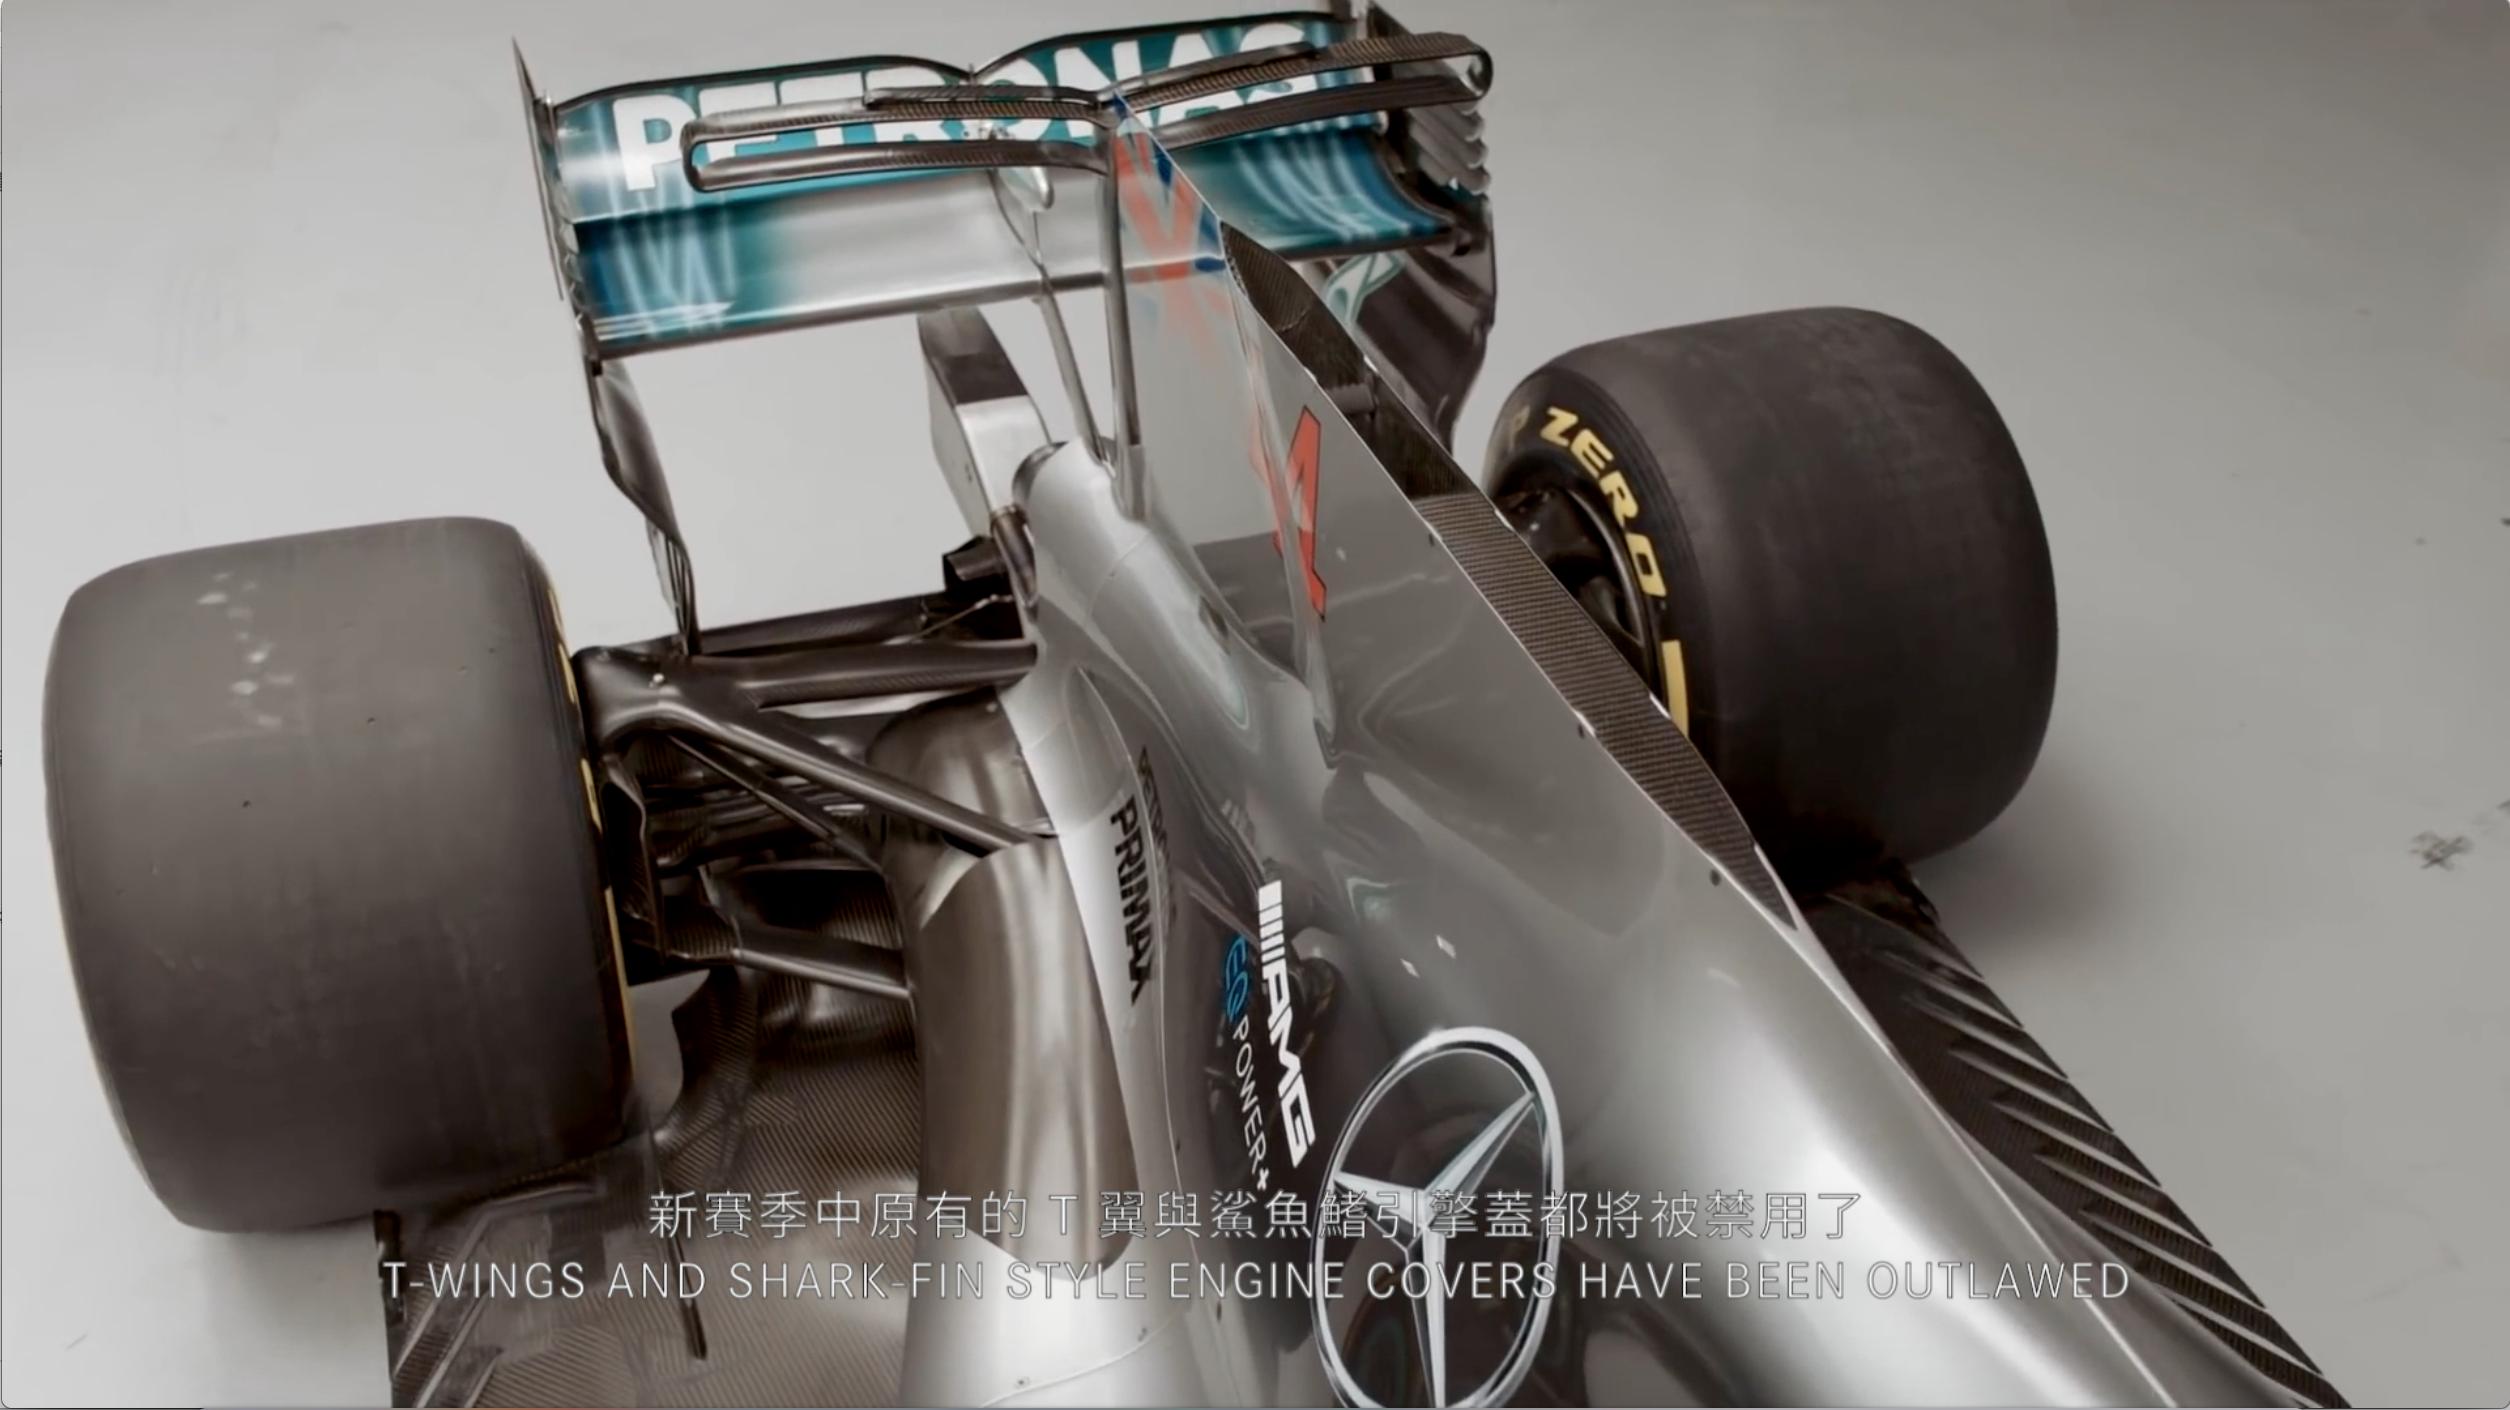 【羅賓車談】2018 F1新賽季技術規則&賽例變更